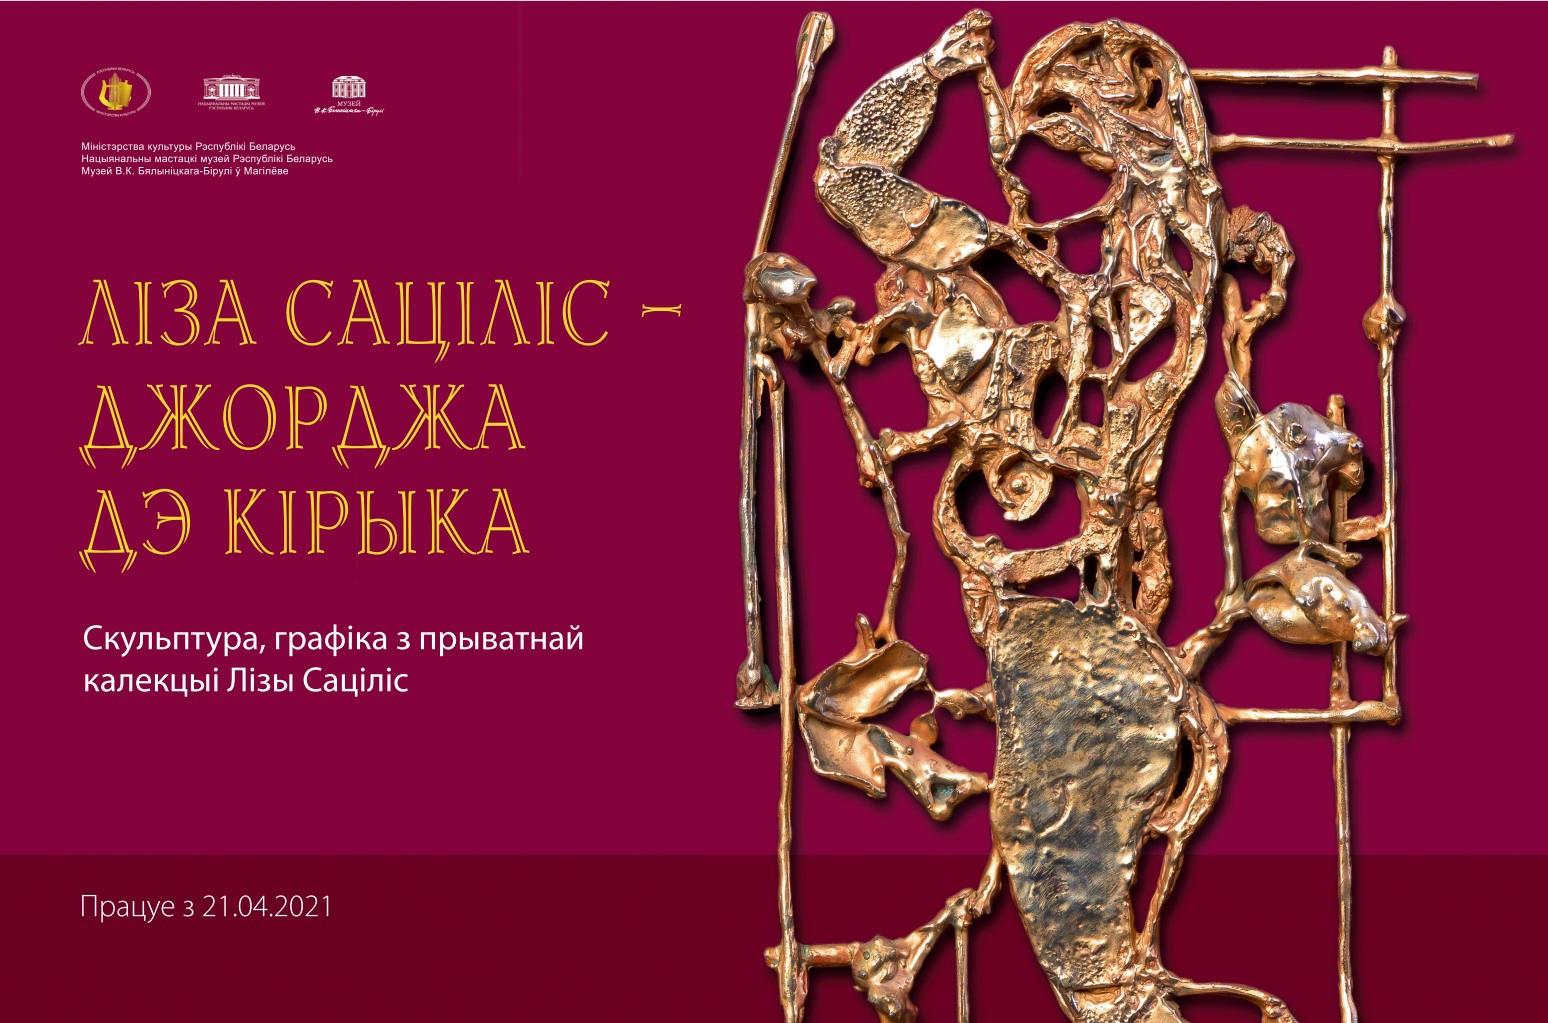 Выставка скульптур греческих художников Лизы Сотилис иДжорджо деКирико готовится коткрытию вмузее Бялыницкого-Бирули Могилева